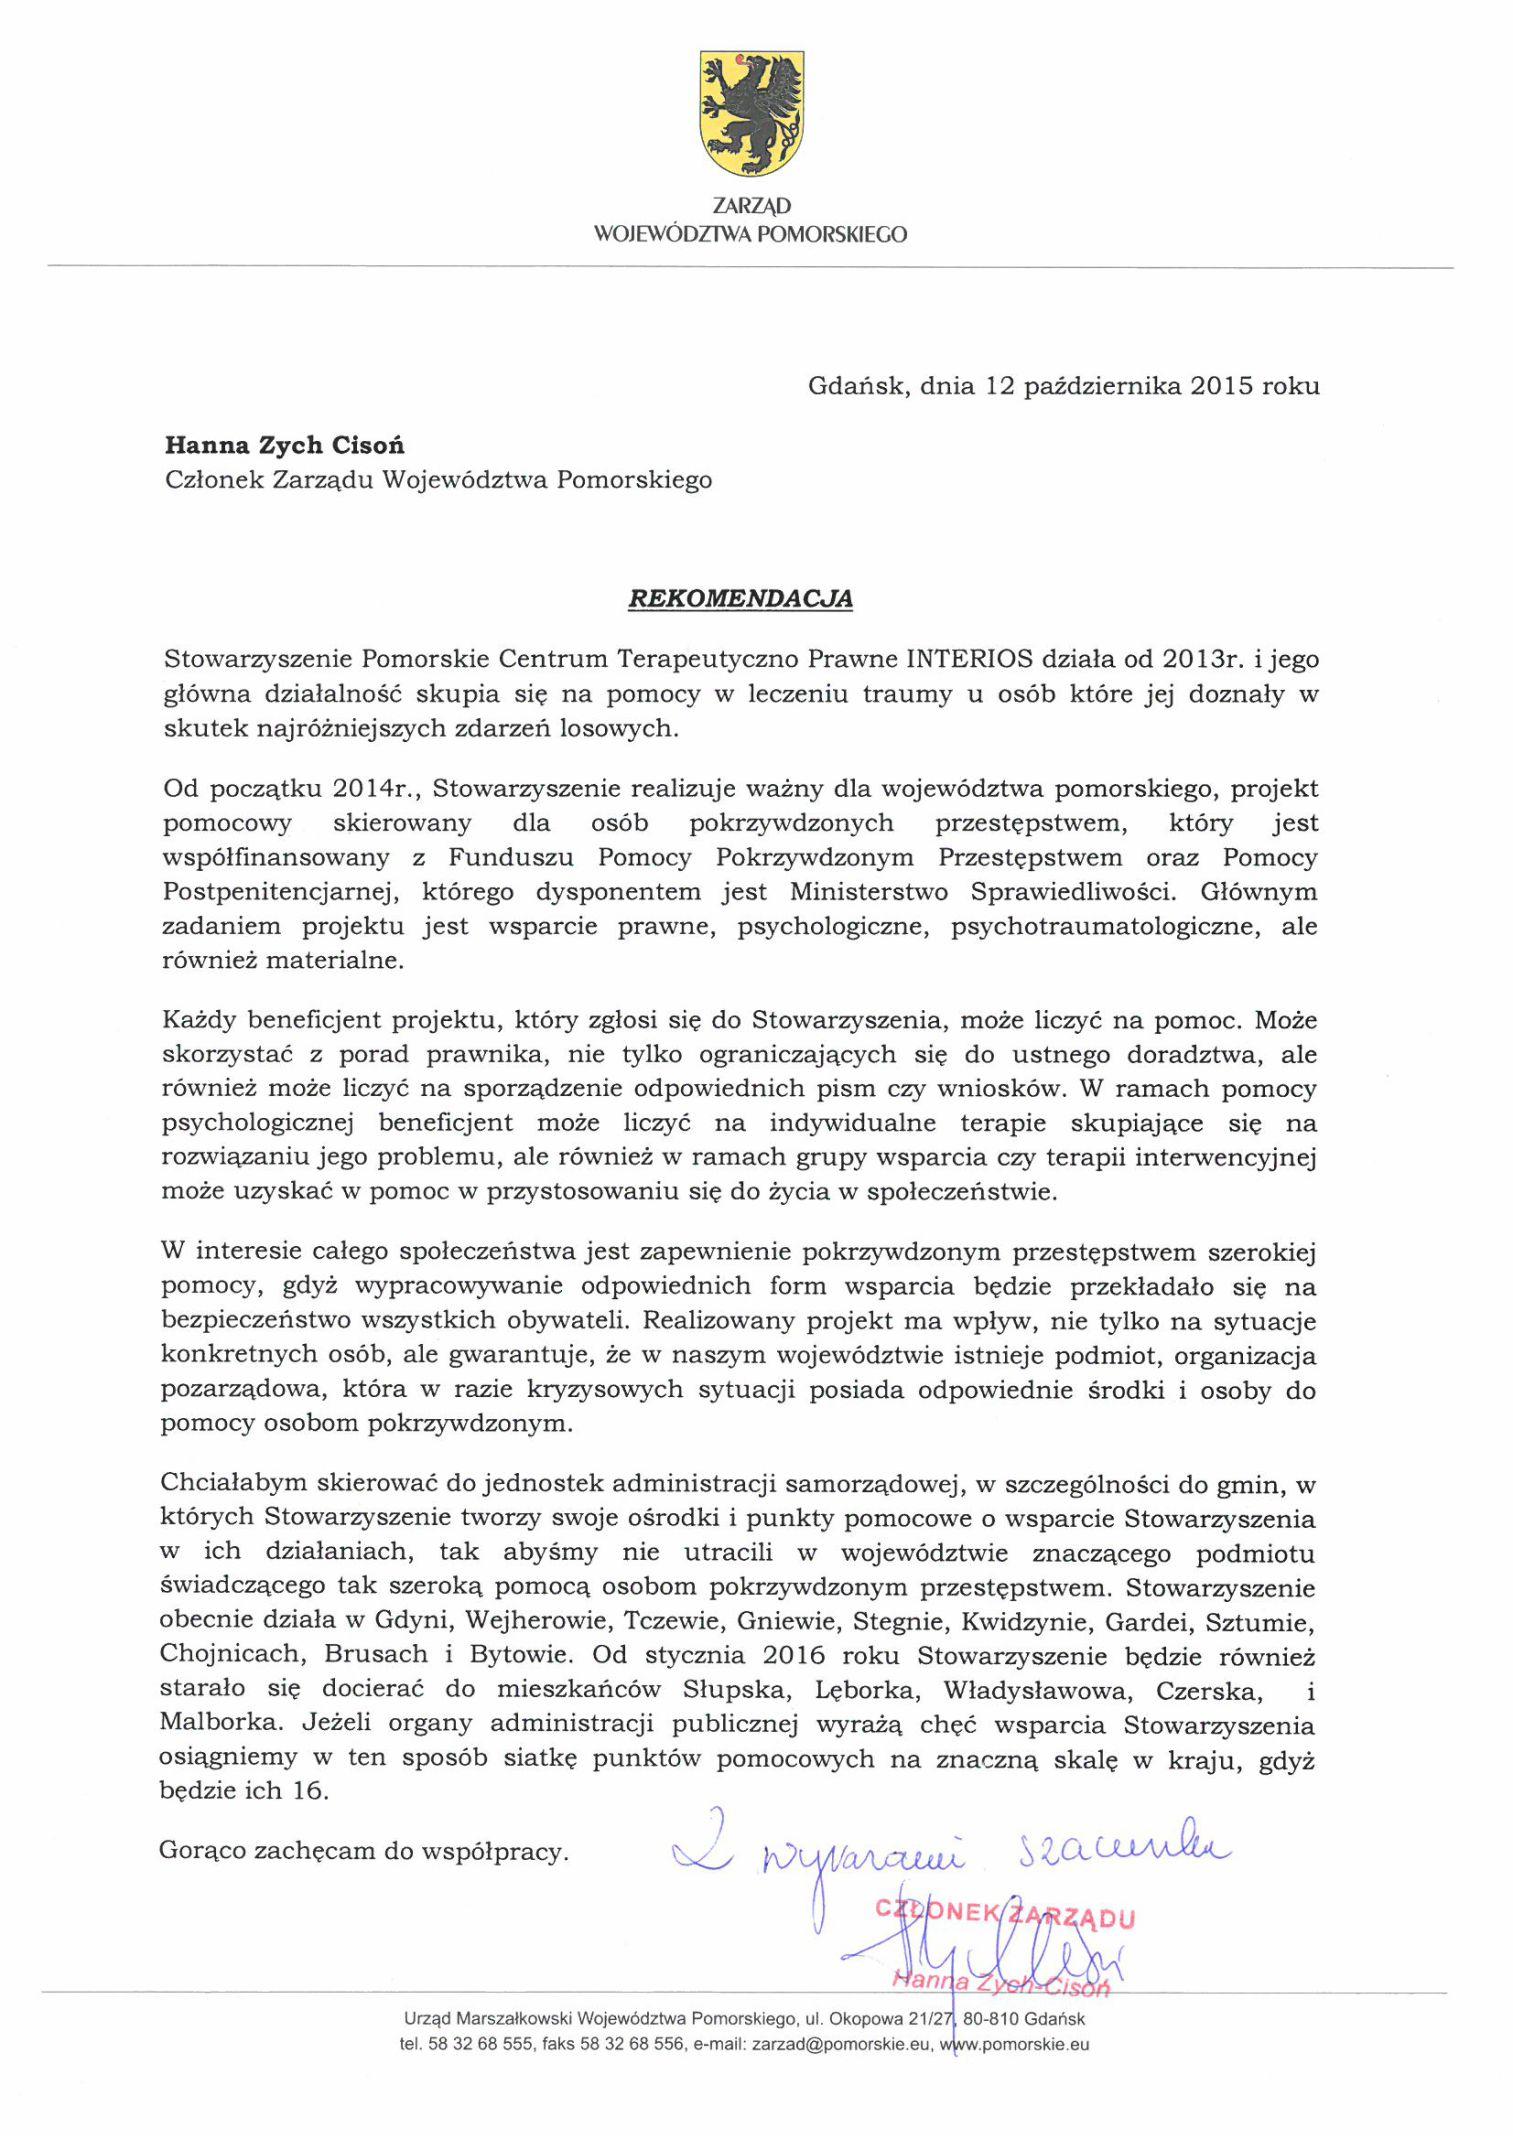 Rekomenadcja Zarządu Województwa Pomorskiego